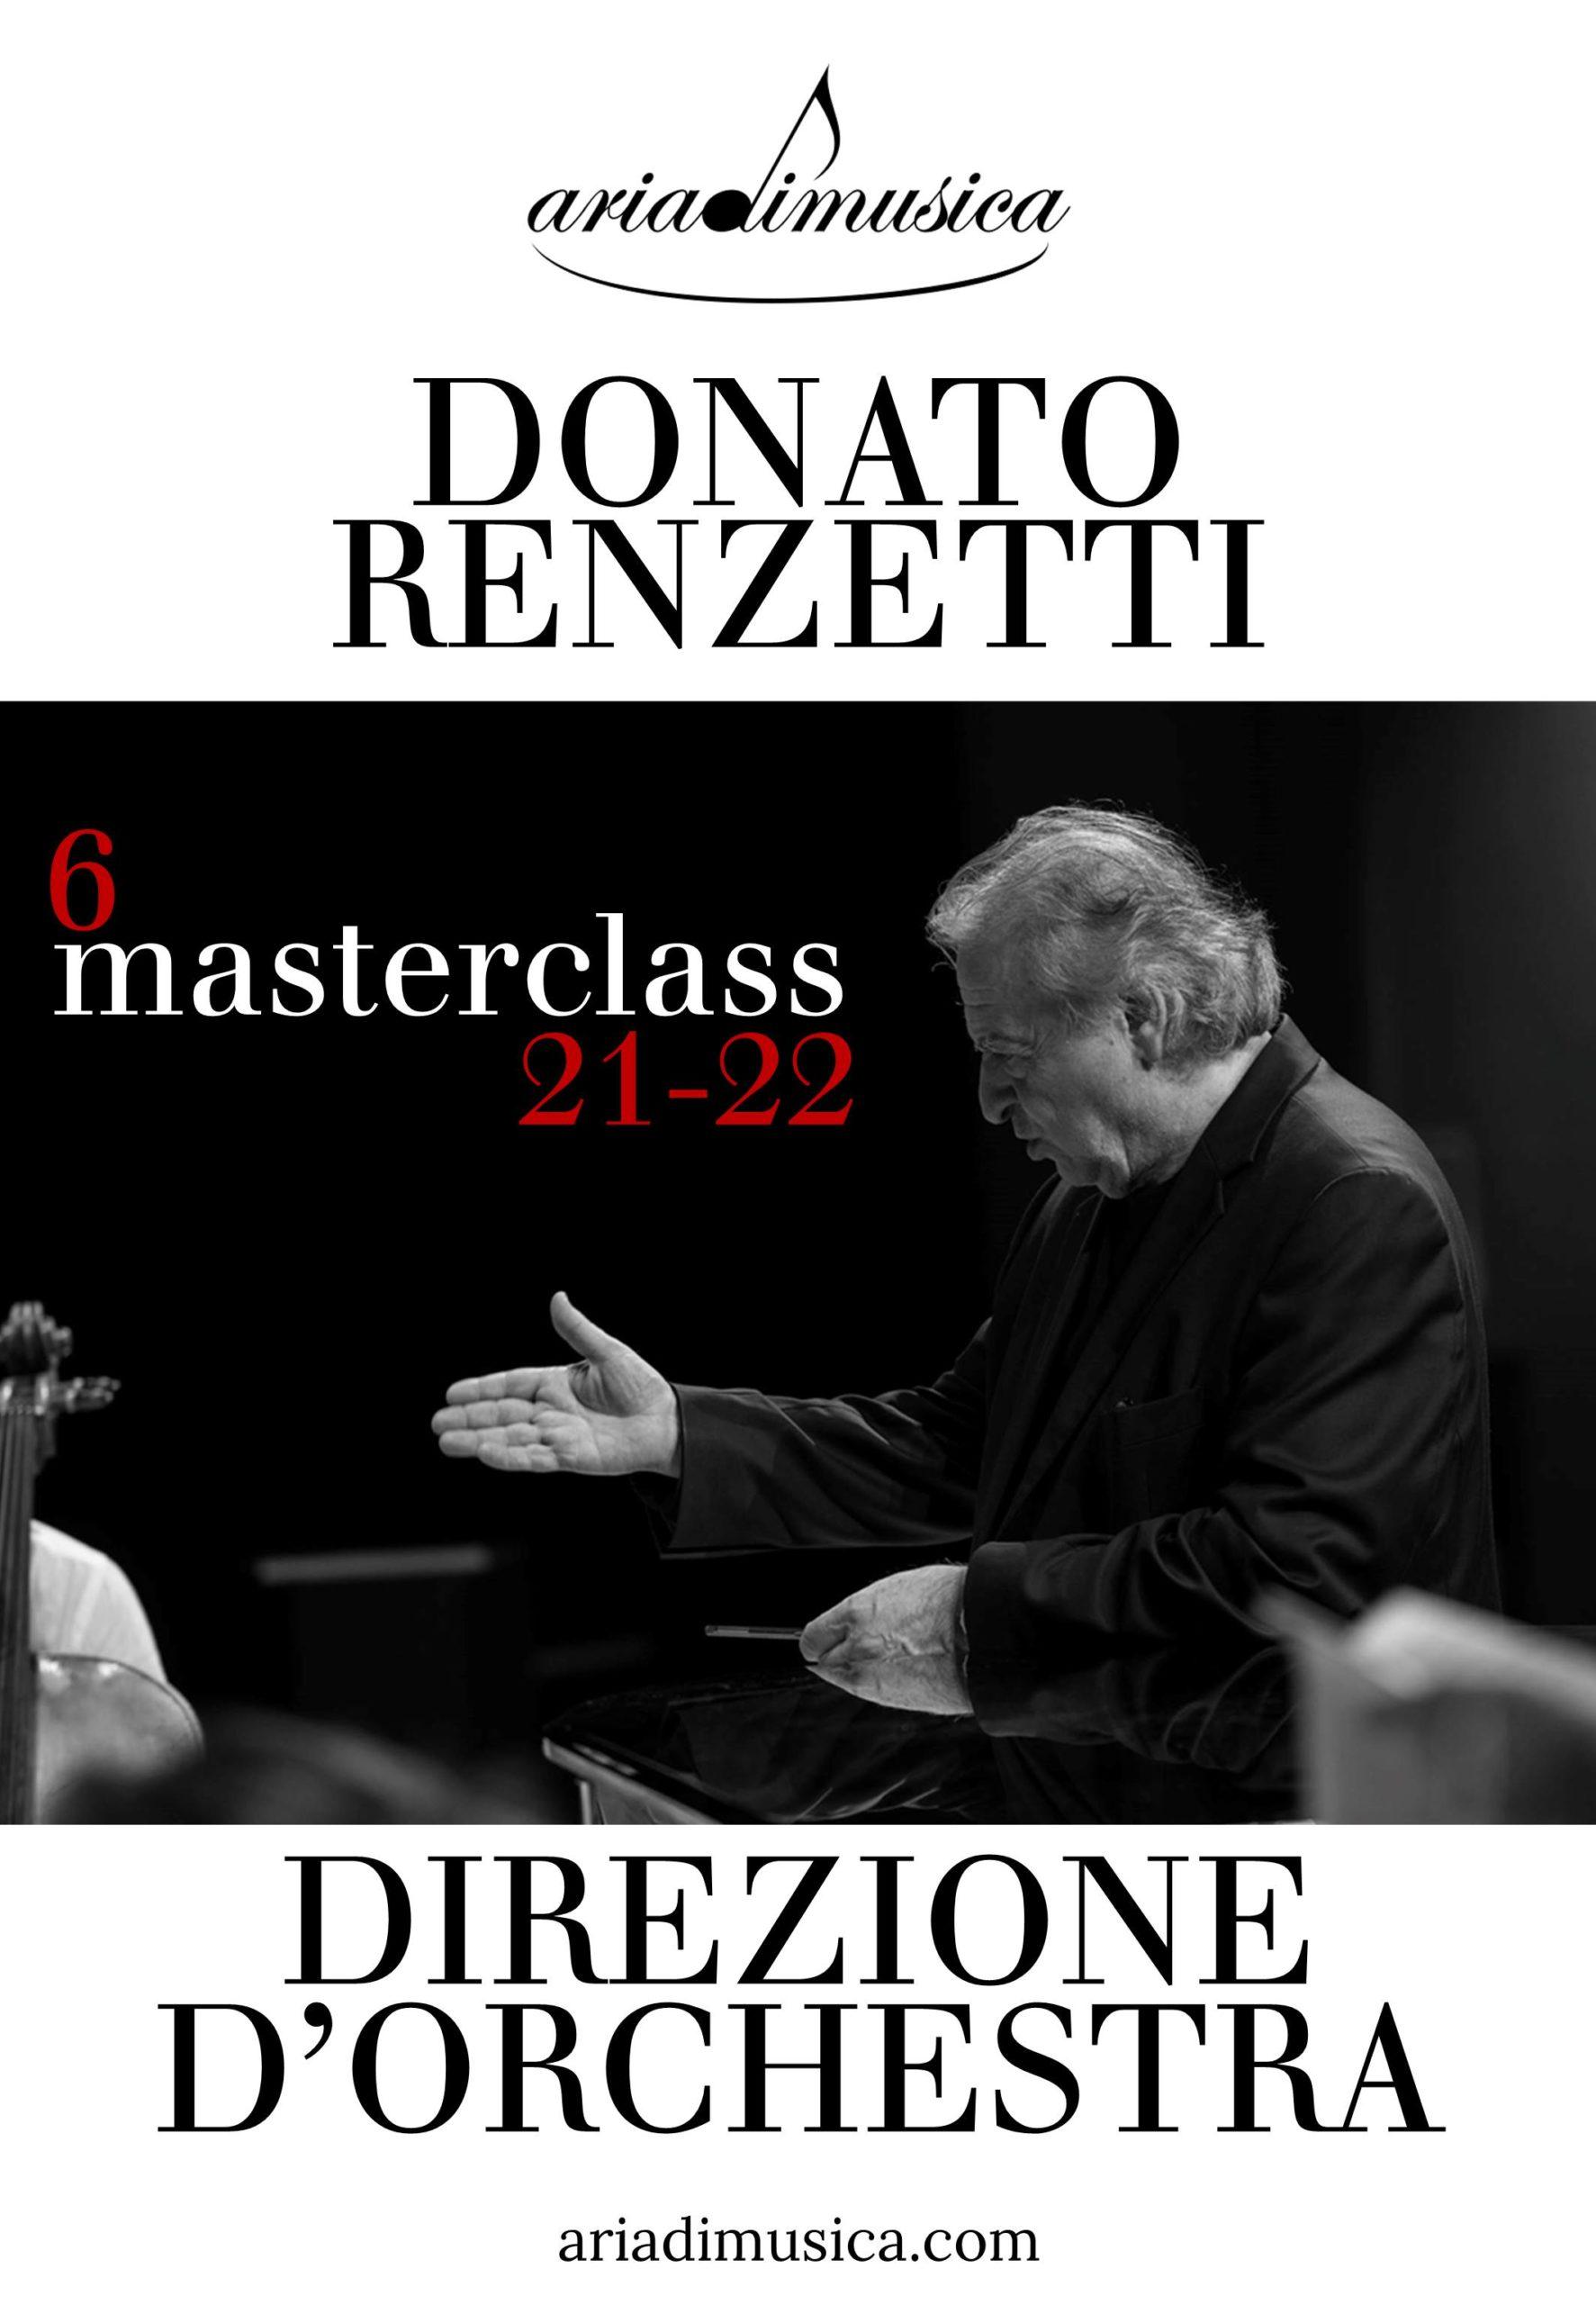 6 masterclass di direzione d'orchestra con il M° Donato Renzetti!